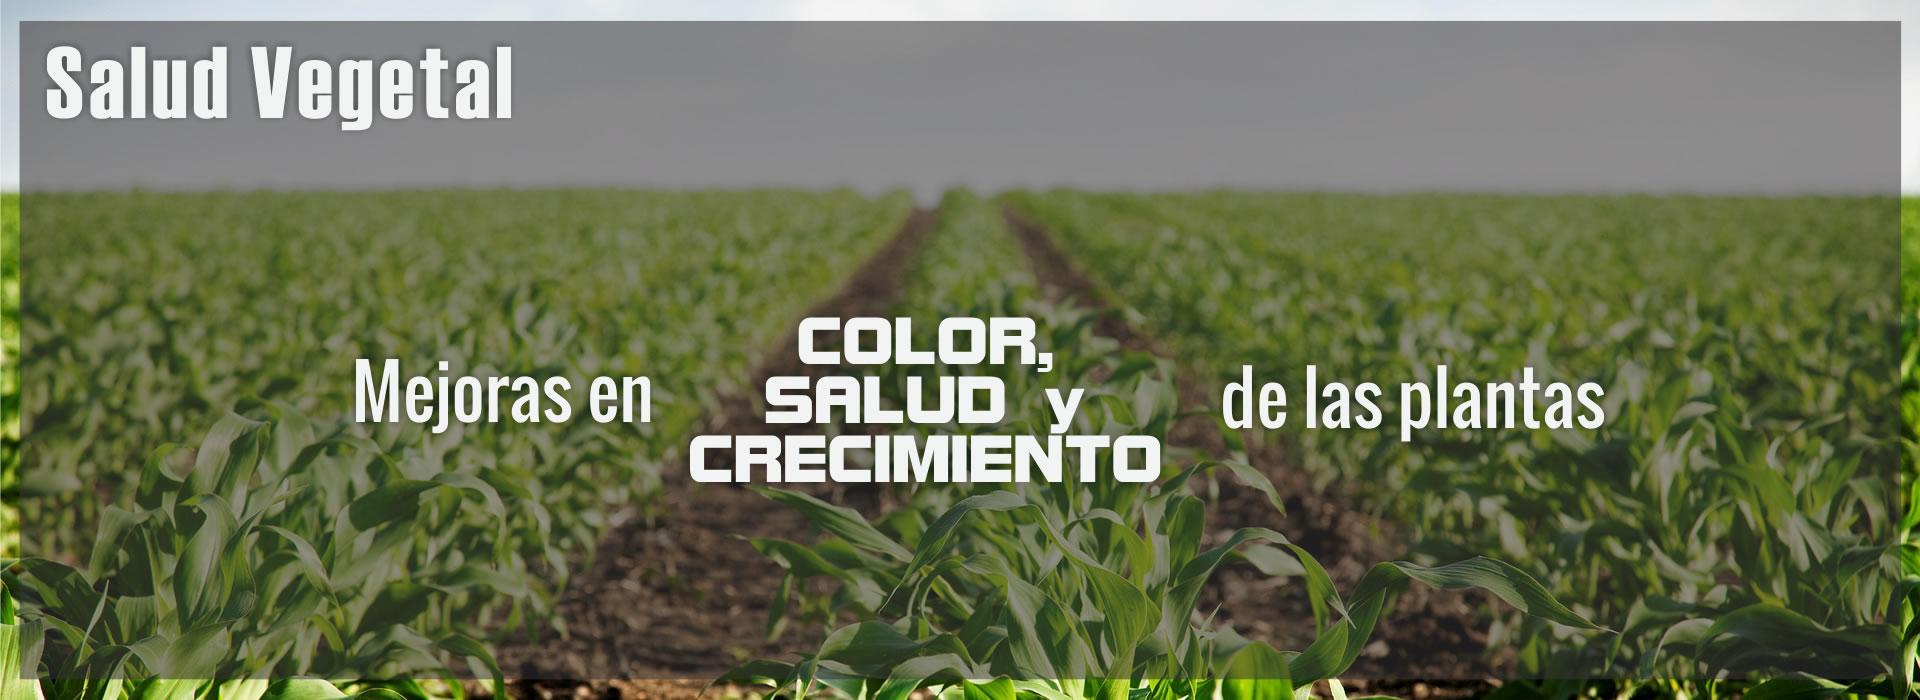 Resultados verdaderos, con mejoras en color, salud y crecimiento de las plantas